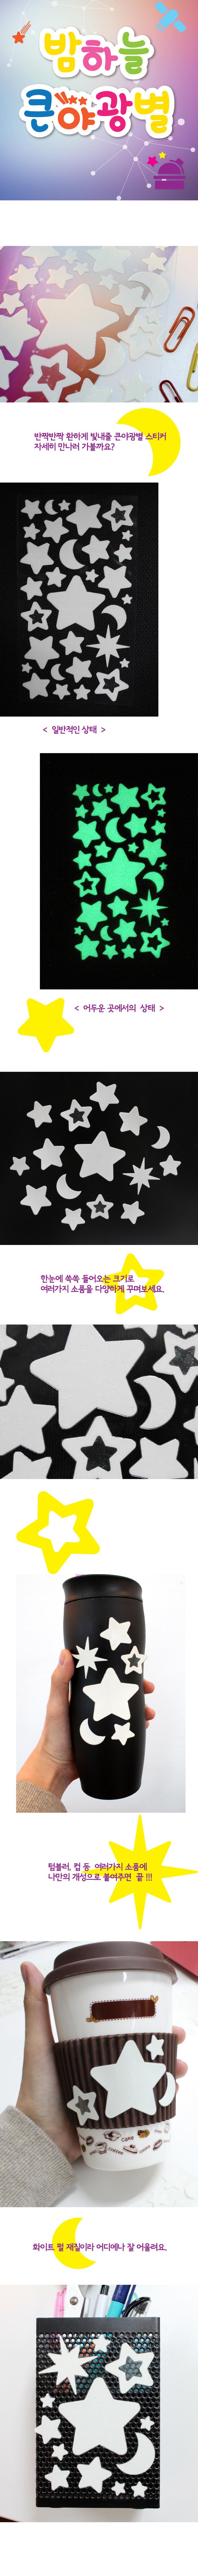 밤하늘 야광별 스티커_5188 - 일라이, 1,500원, 스티커, 디자인스티커